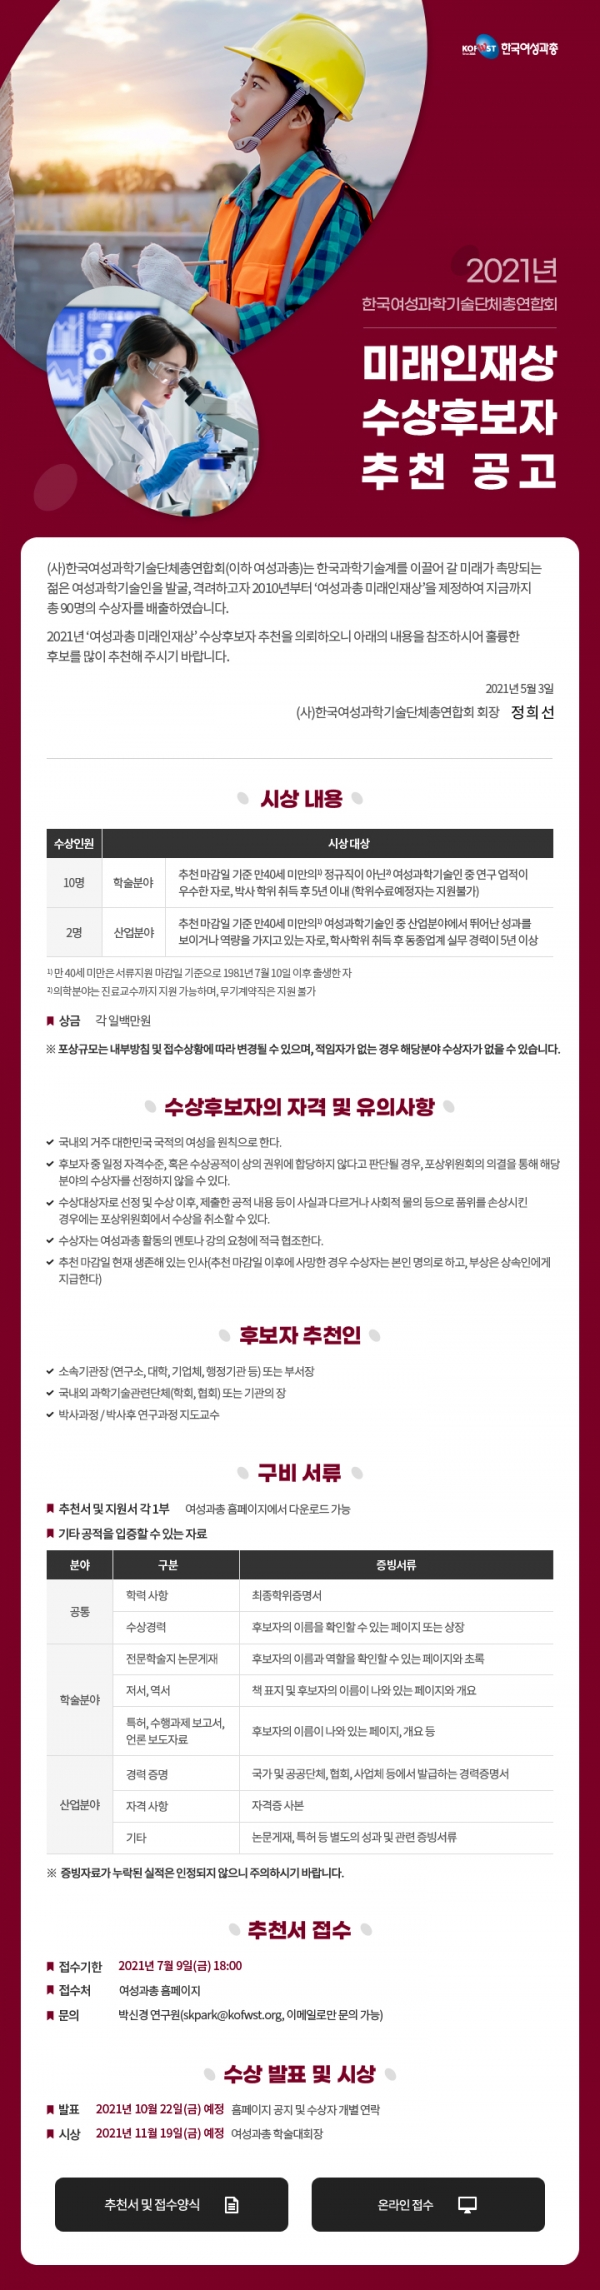 한국여성과학기술단체총연합회 '2021년 미래인재상' 수상 후보자 모집 공고 ⓒ한국여성과학기술단체총연합회